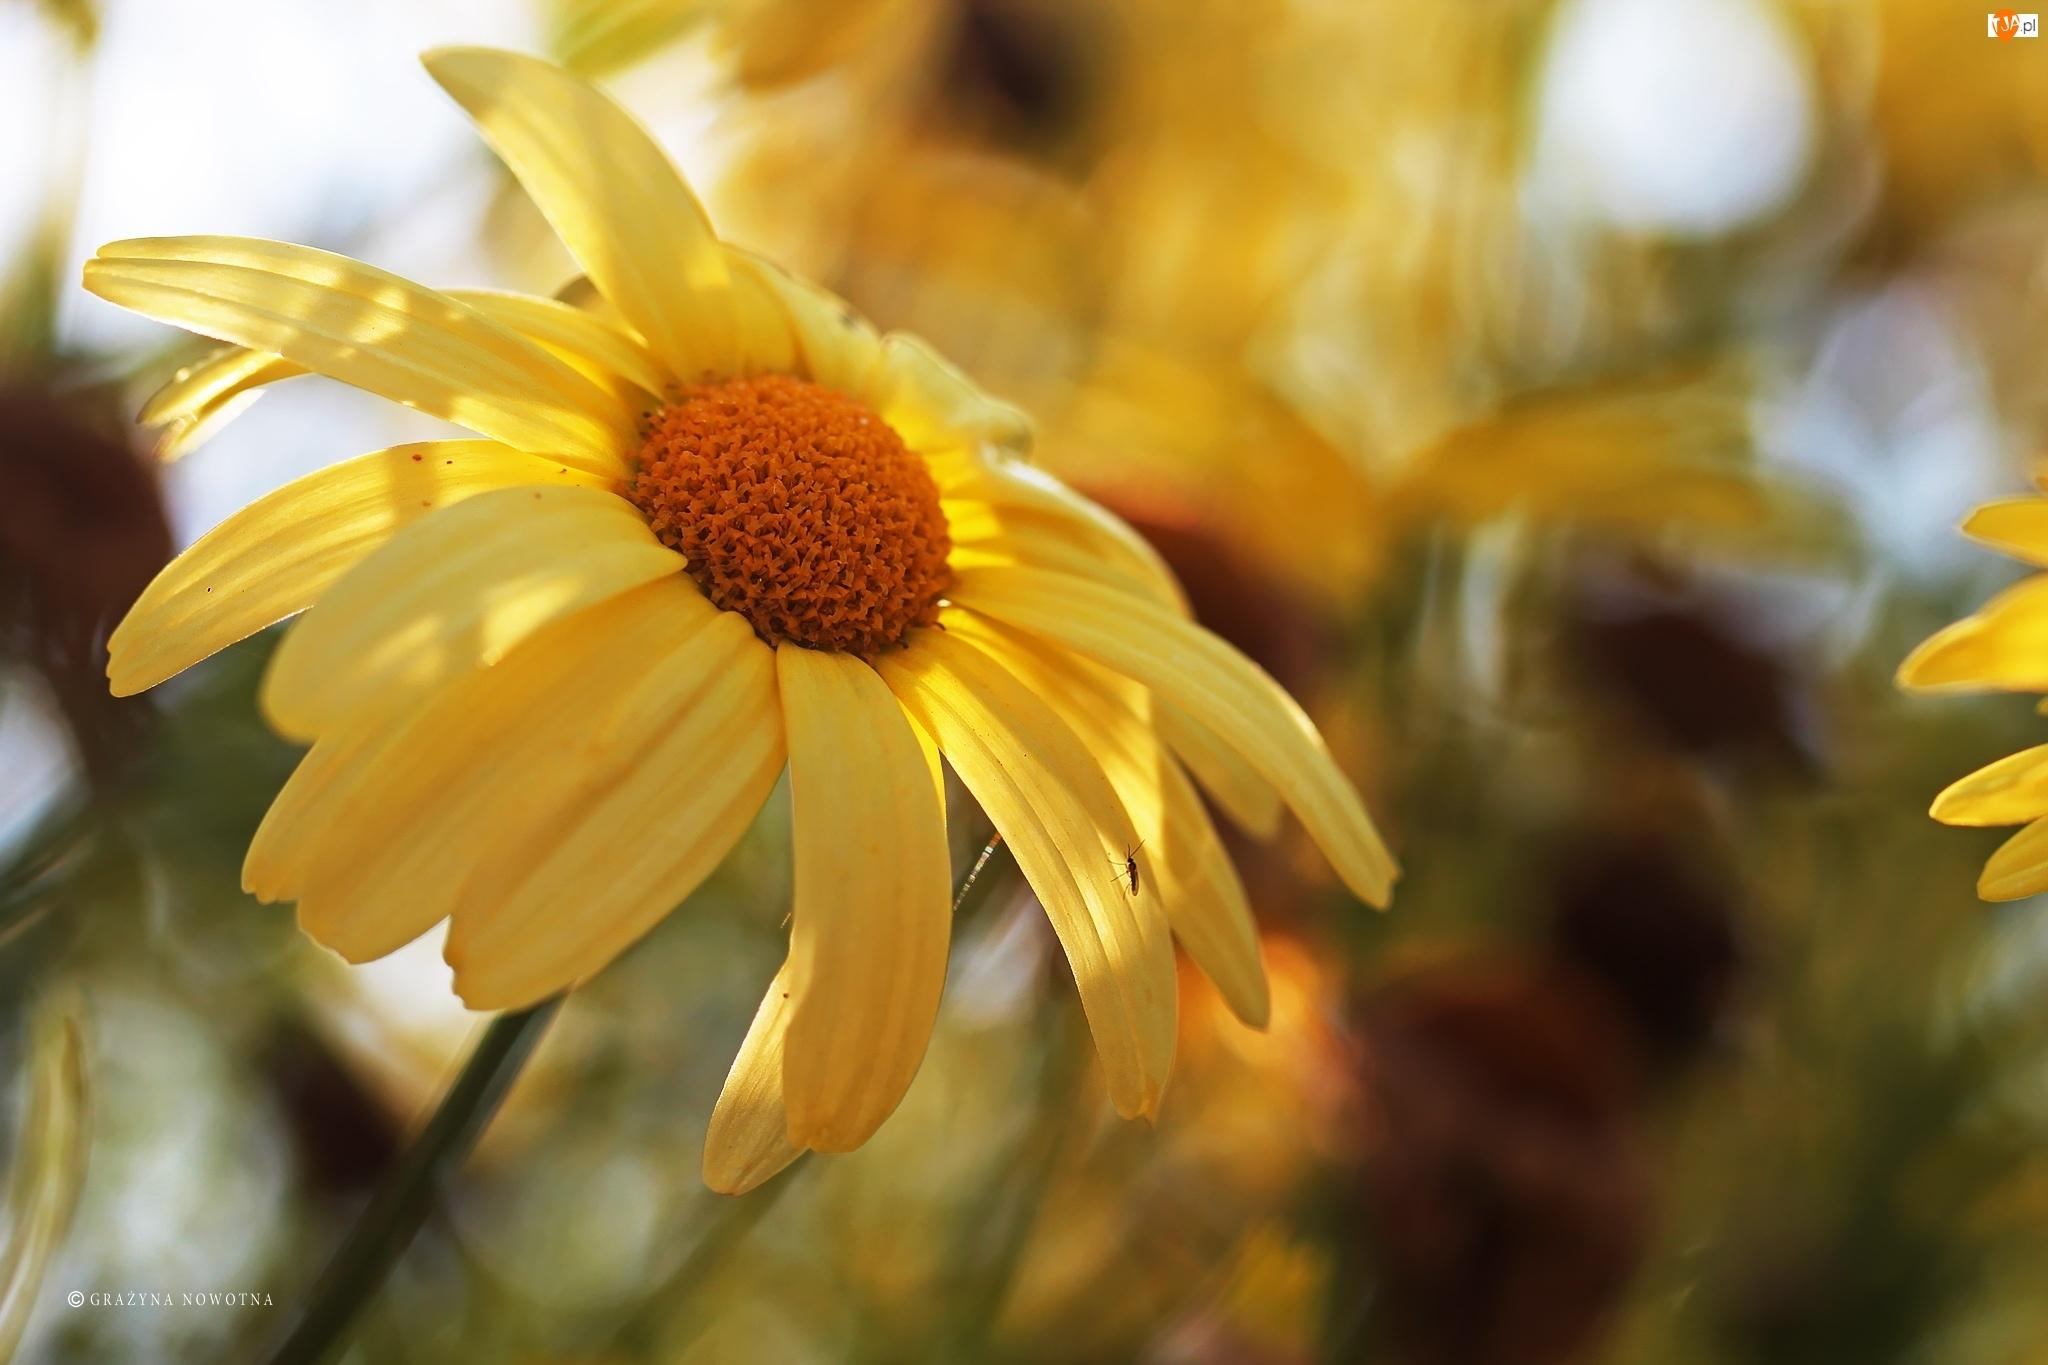 Kwiaty, Żółte, Margerytki